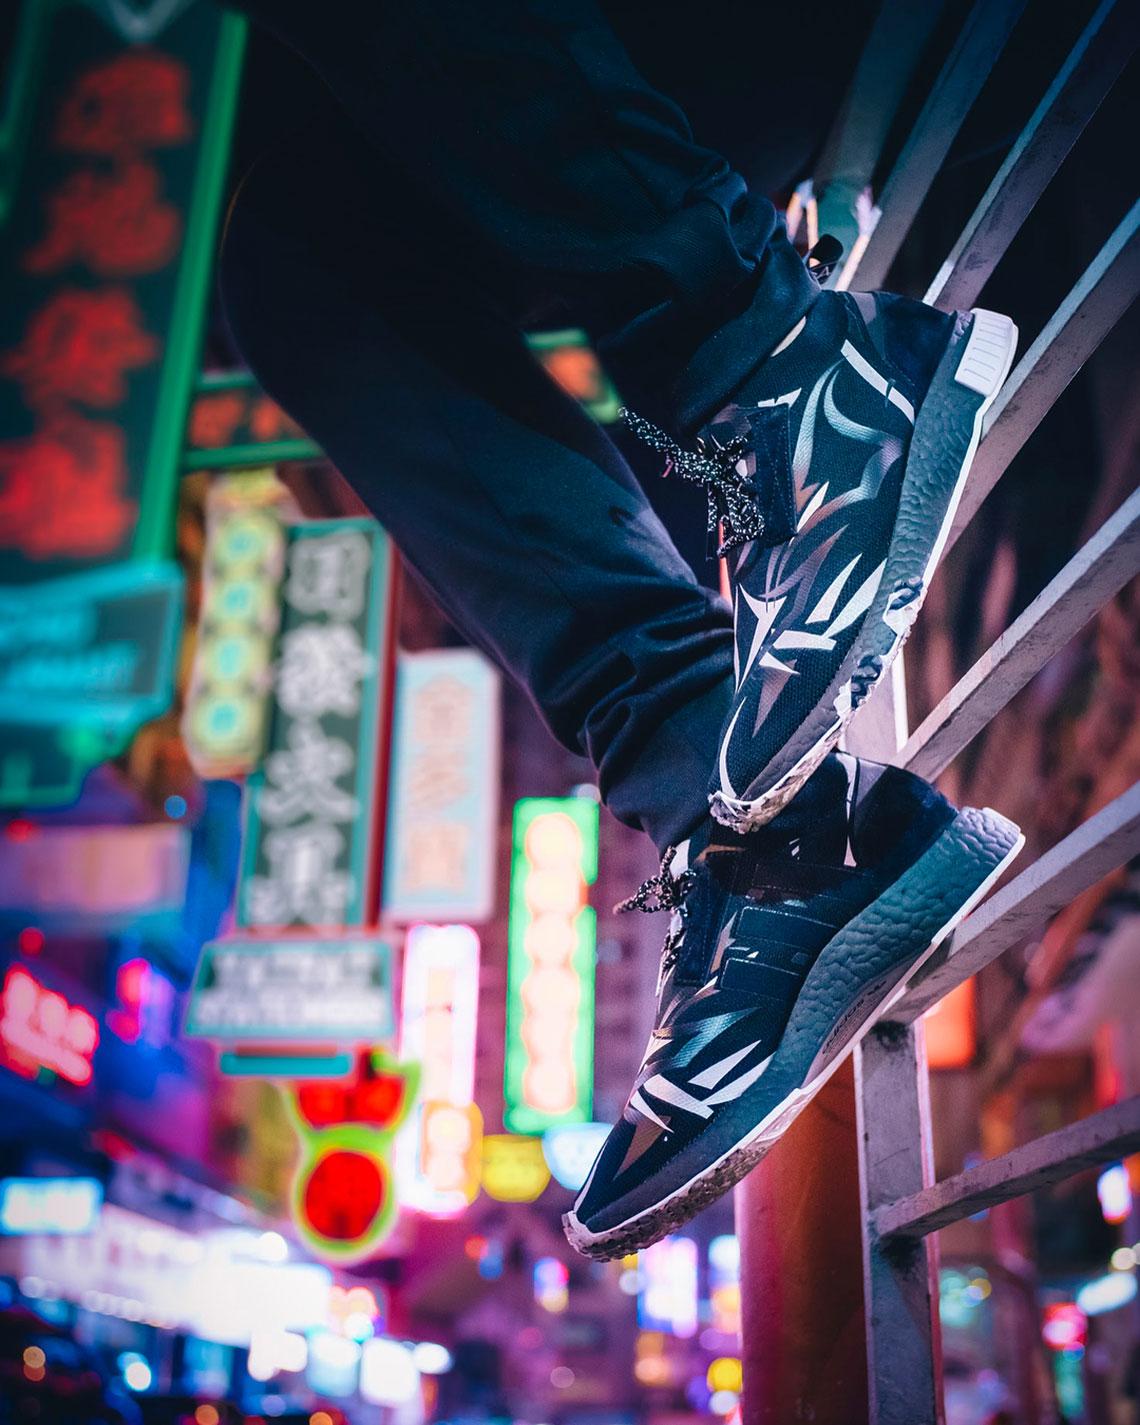 ジュース × アディダス コンソーシアム NMD レーサー コア ブラック/ホワイト【1/20発売】